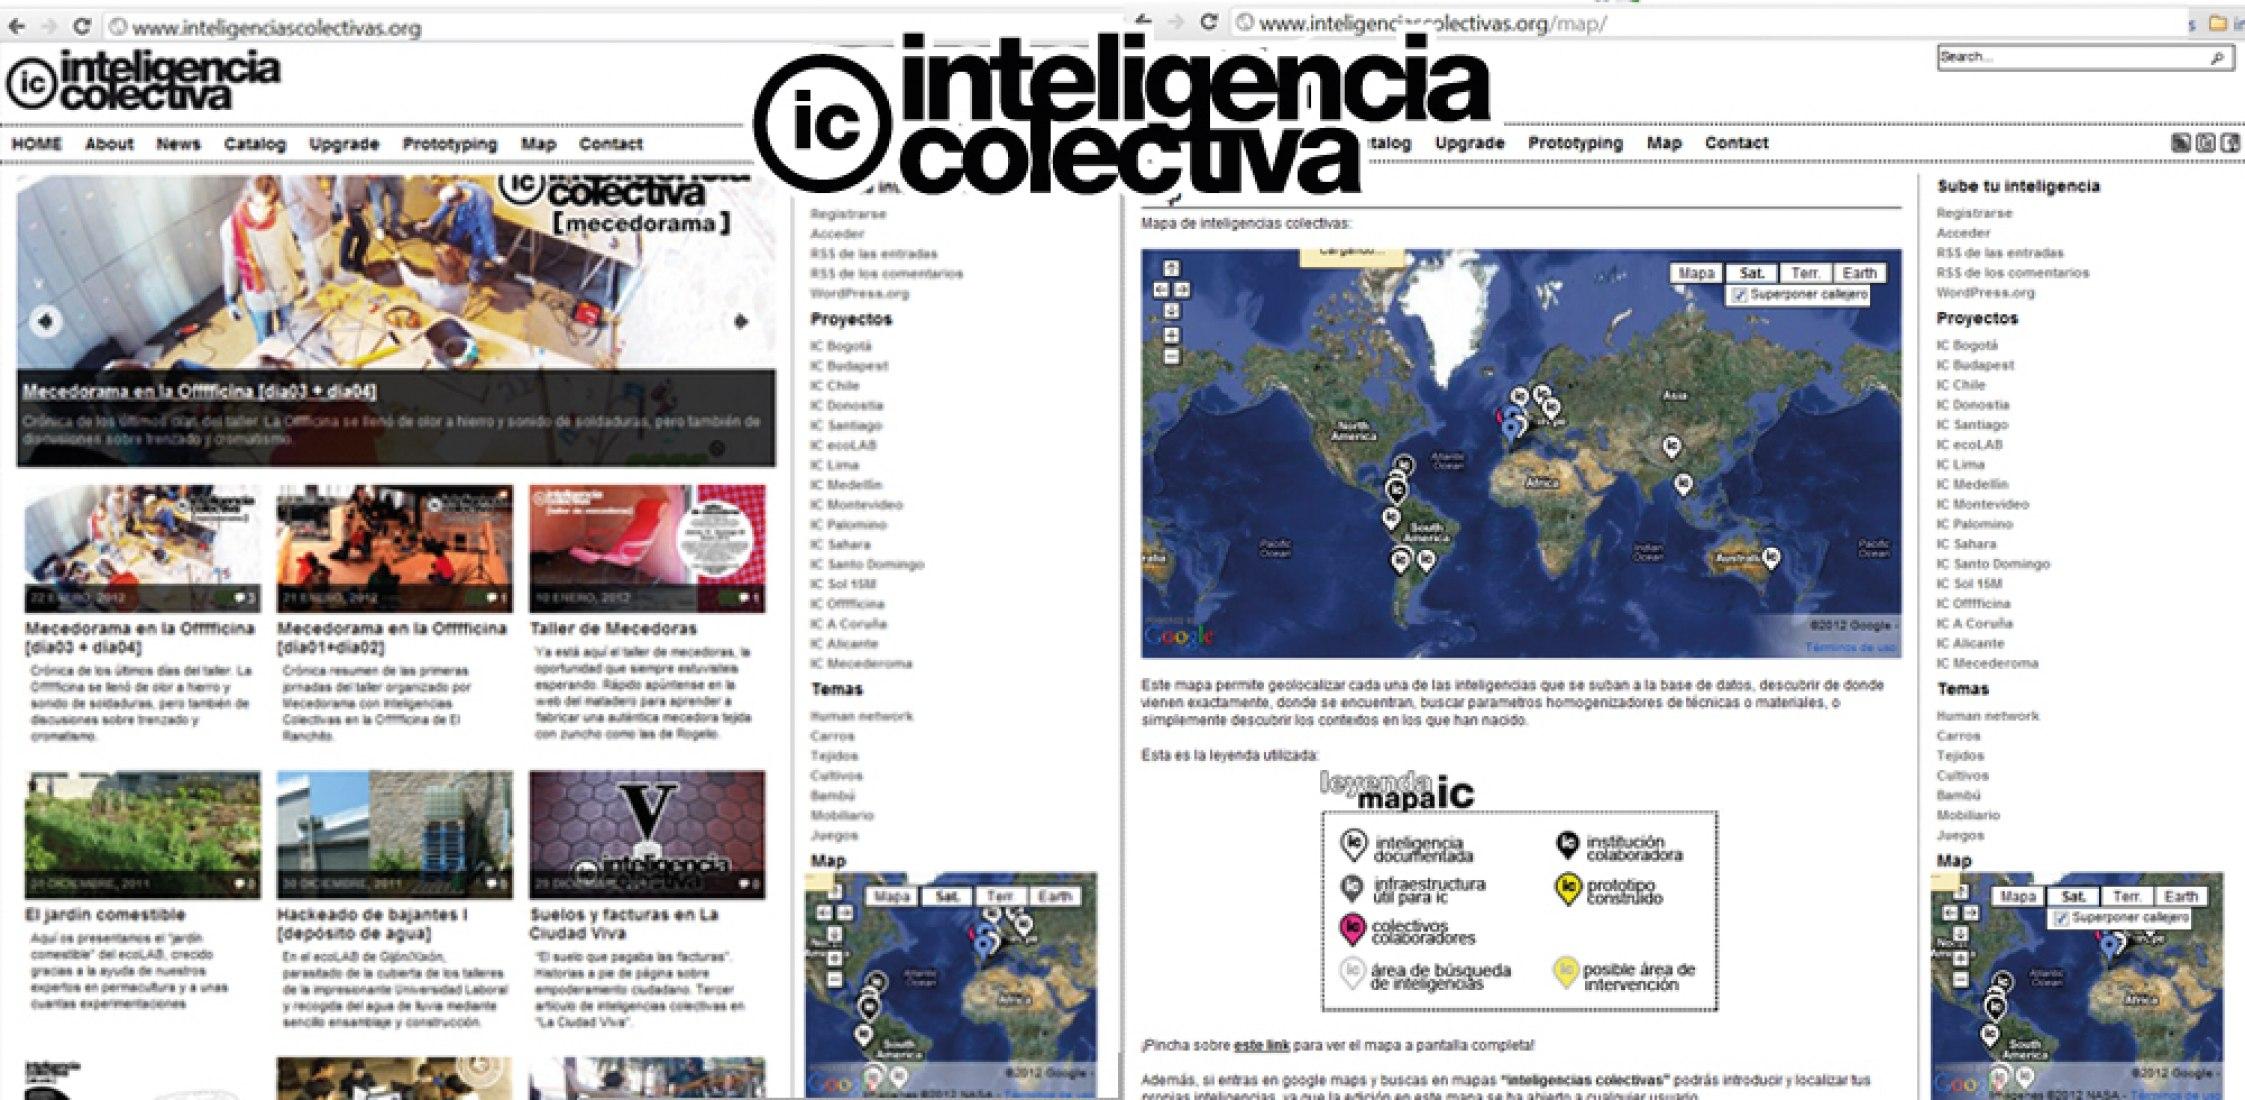 Premio arquia/próxima 2012, dotado de 15.000 euros, ha recaído en 'INTELIGENCIA COLECTIVA 2.0' del colectivo ZOOHAUS.